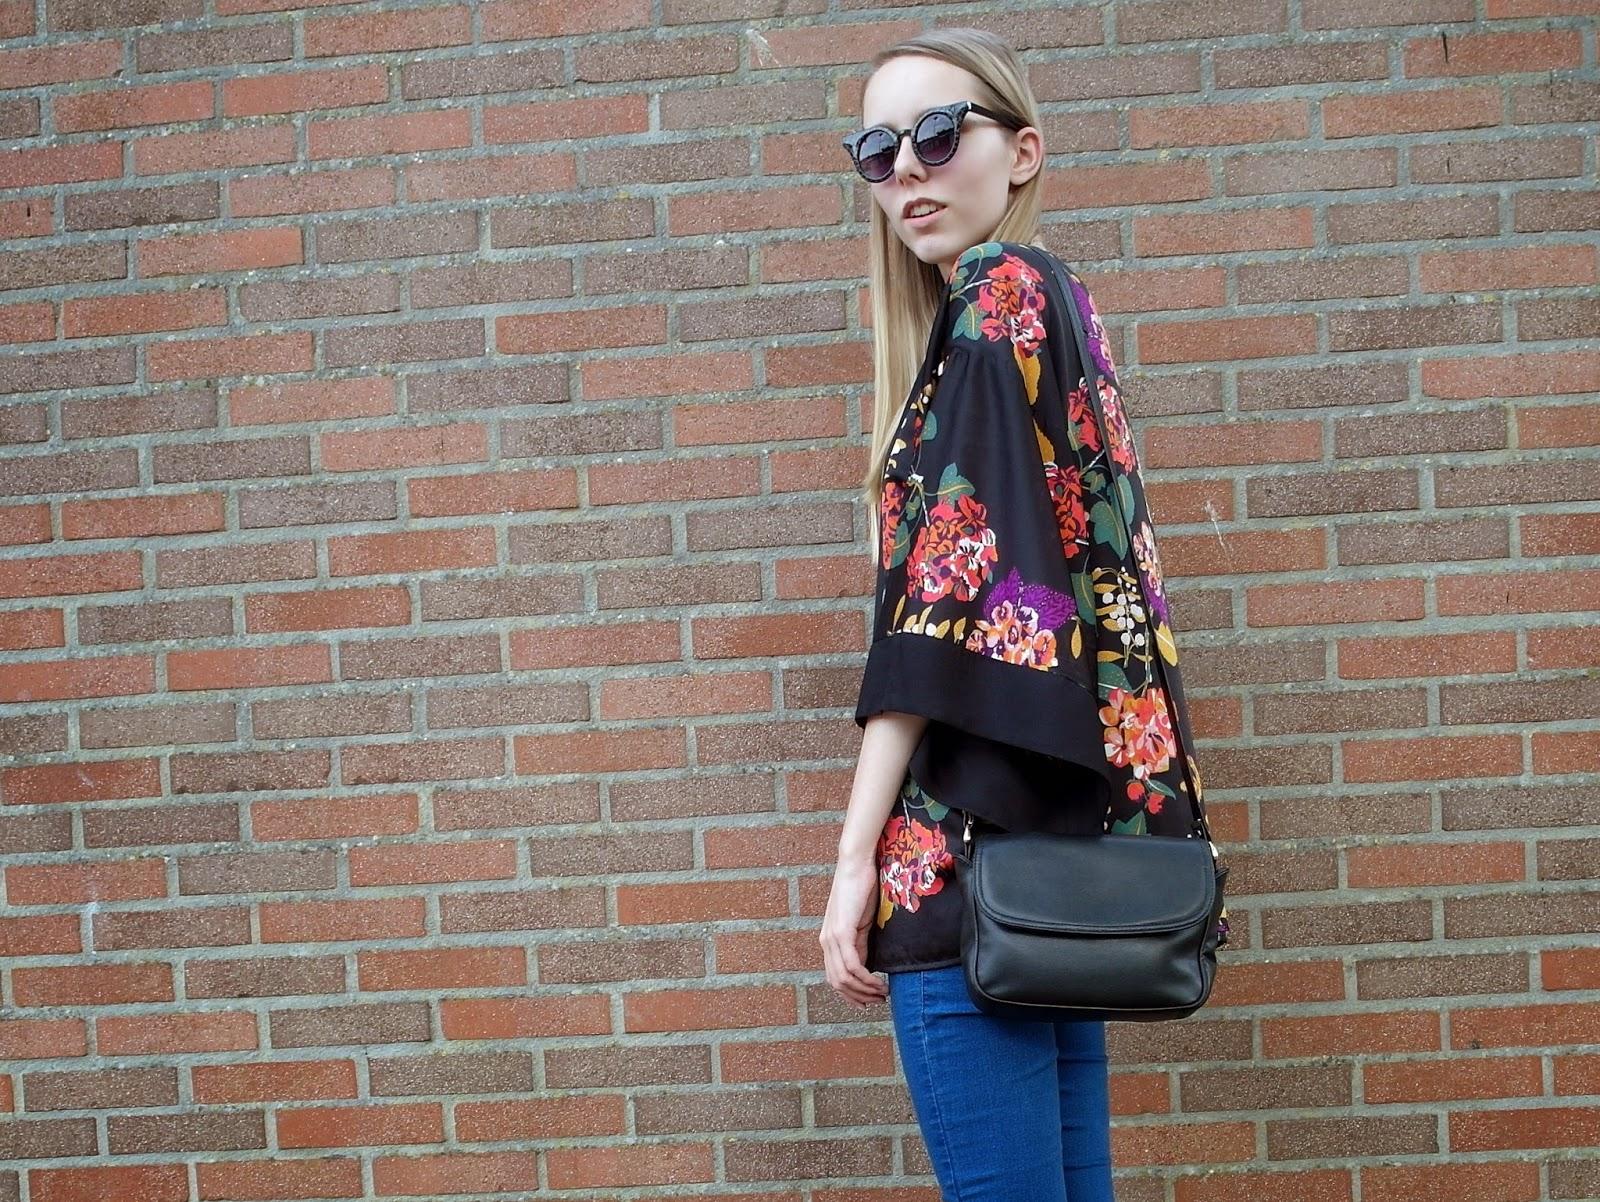 Korte kimono bloemen H&M gebloemde blouse outfit inspiratie